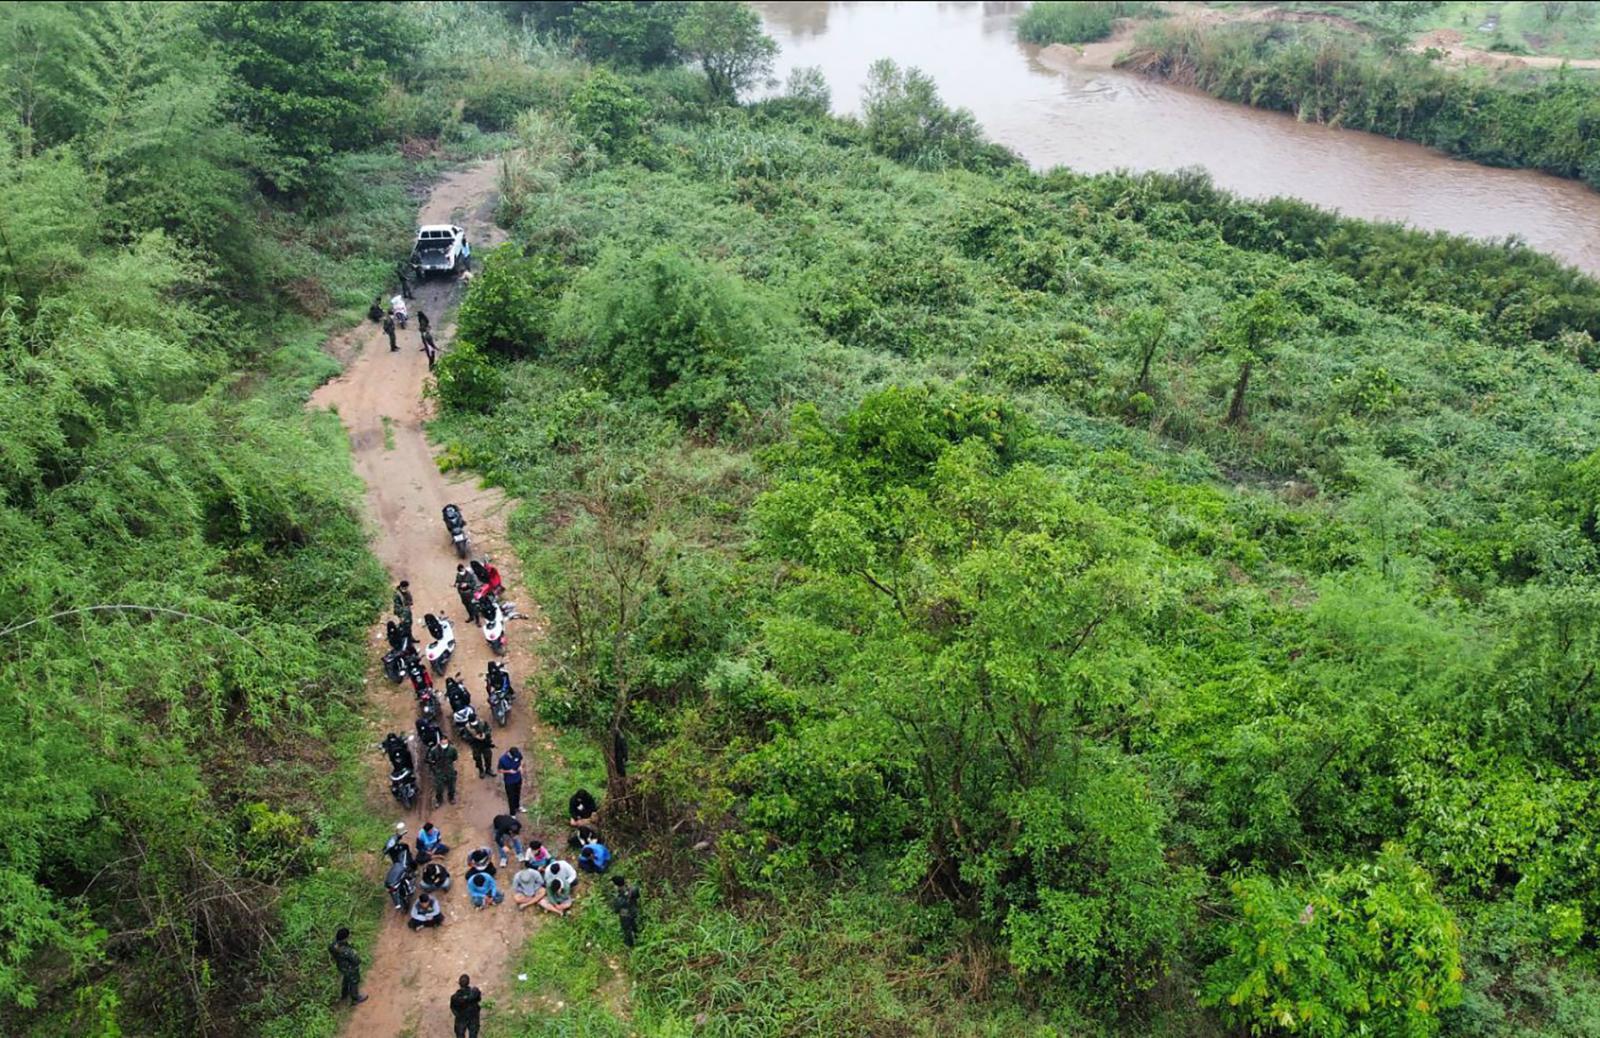 แรงงานกัมพูชาหนีโควิด-19 ในไทย เดือน มิ.ย. แห่กลับเพิ่ม 2 เท่า